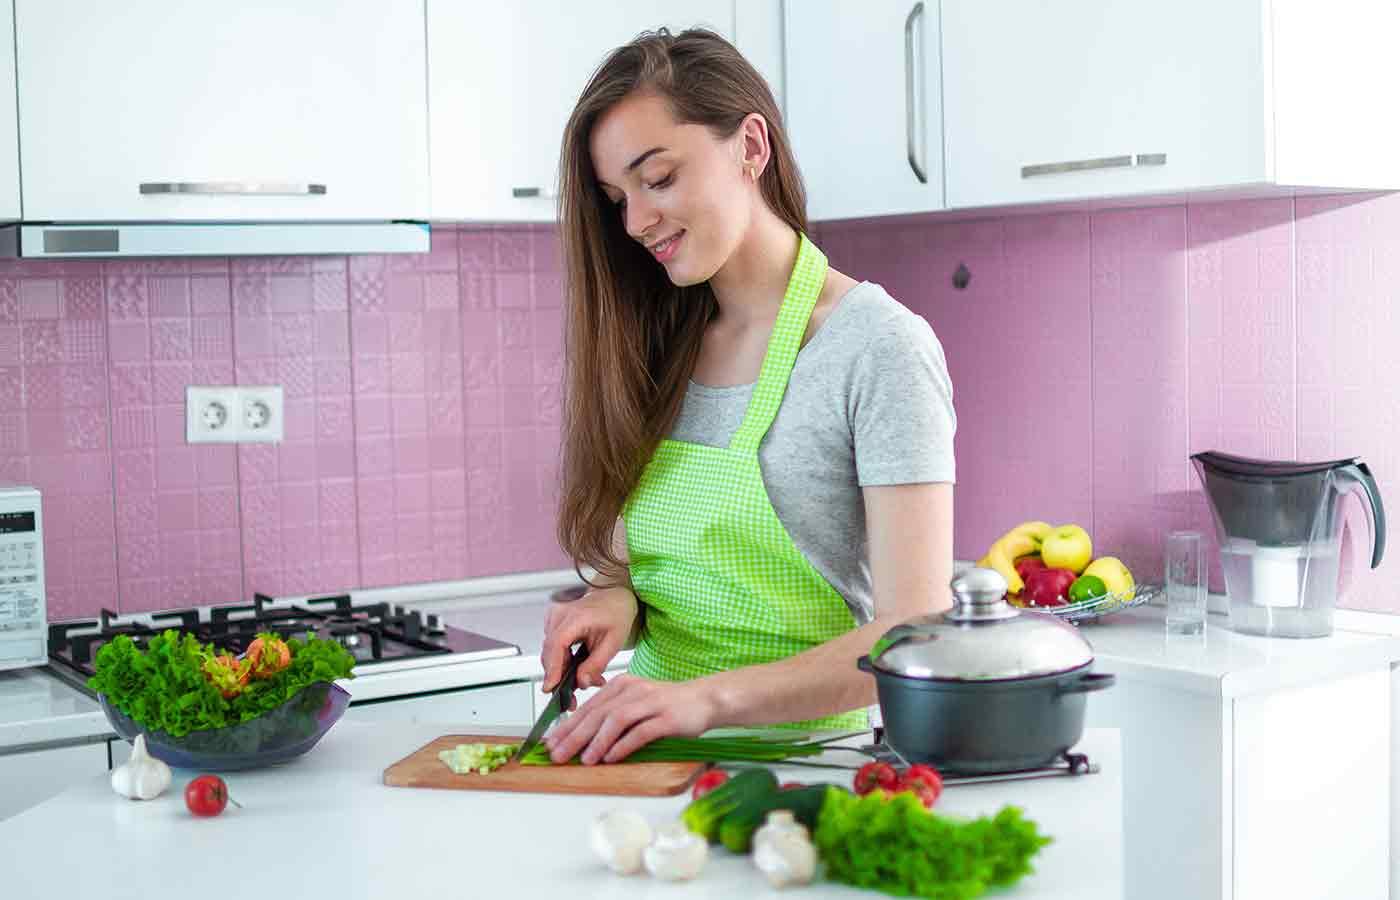 La dieta paleo proporciona un estilo de vida más sano